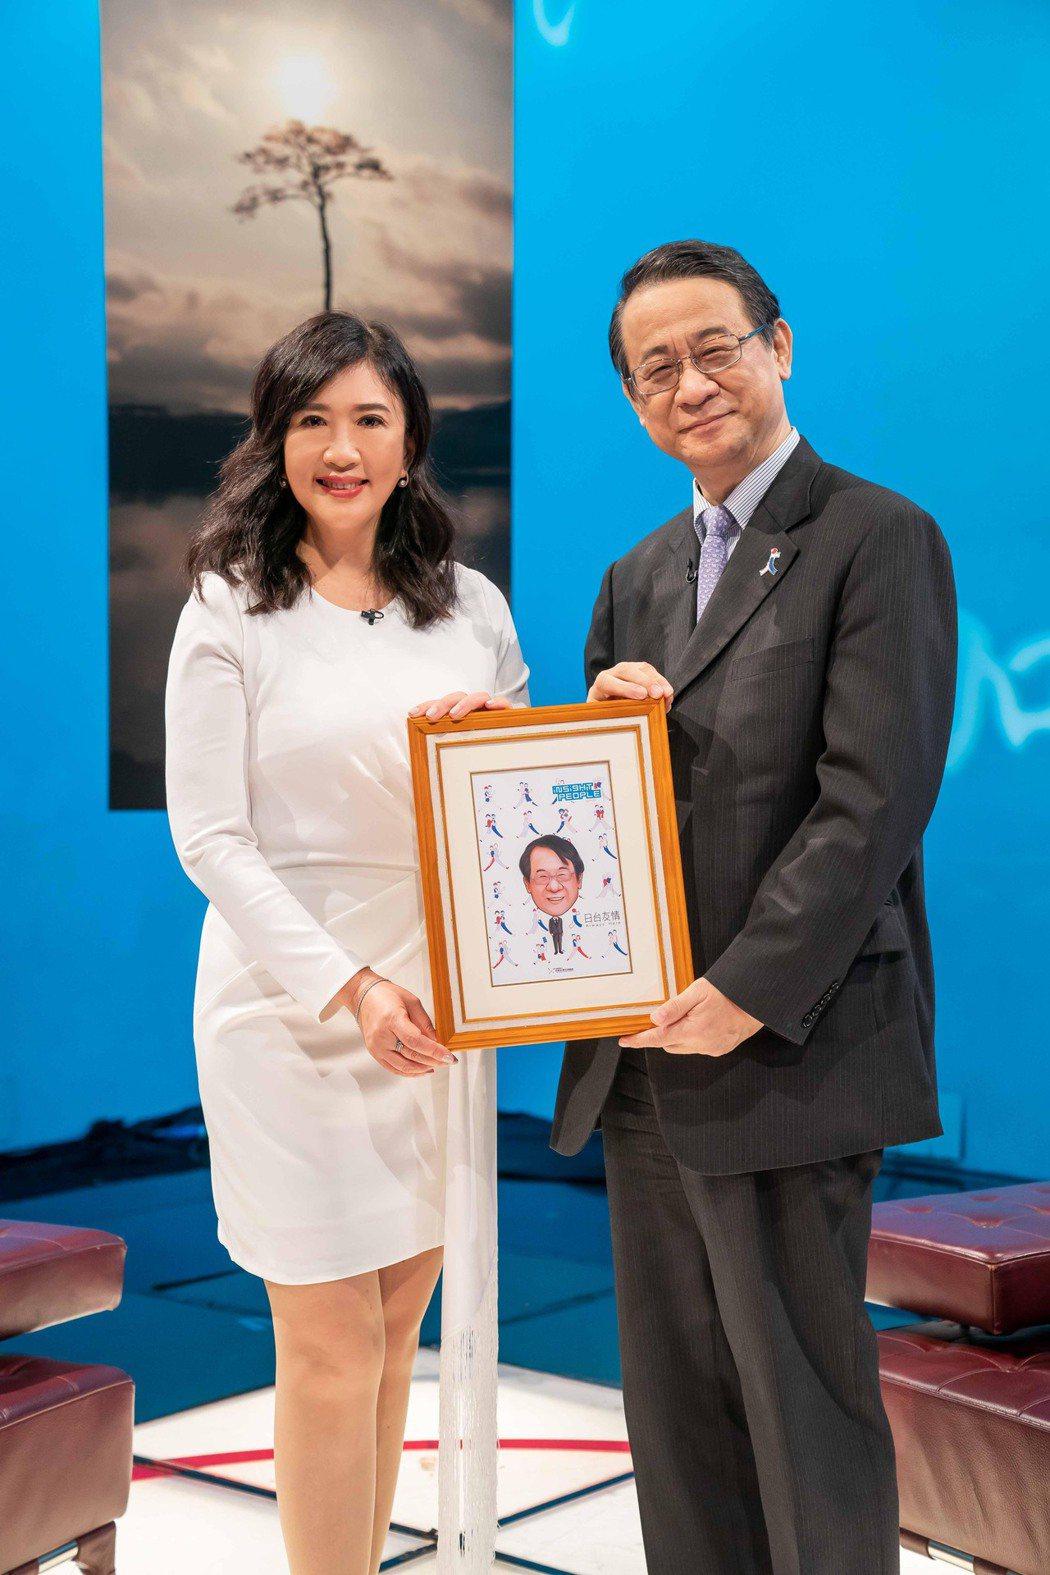 「TVBS看板人物」主持人方念華(左)專訪日本台灣交流協會代表泉裕泰。圖/TVB